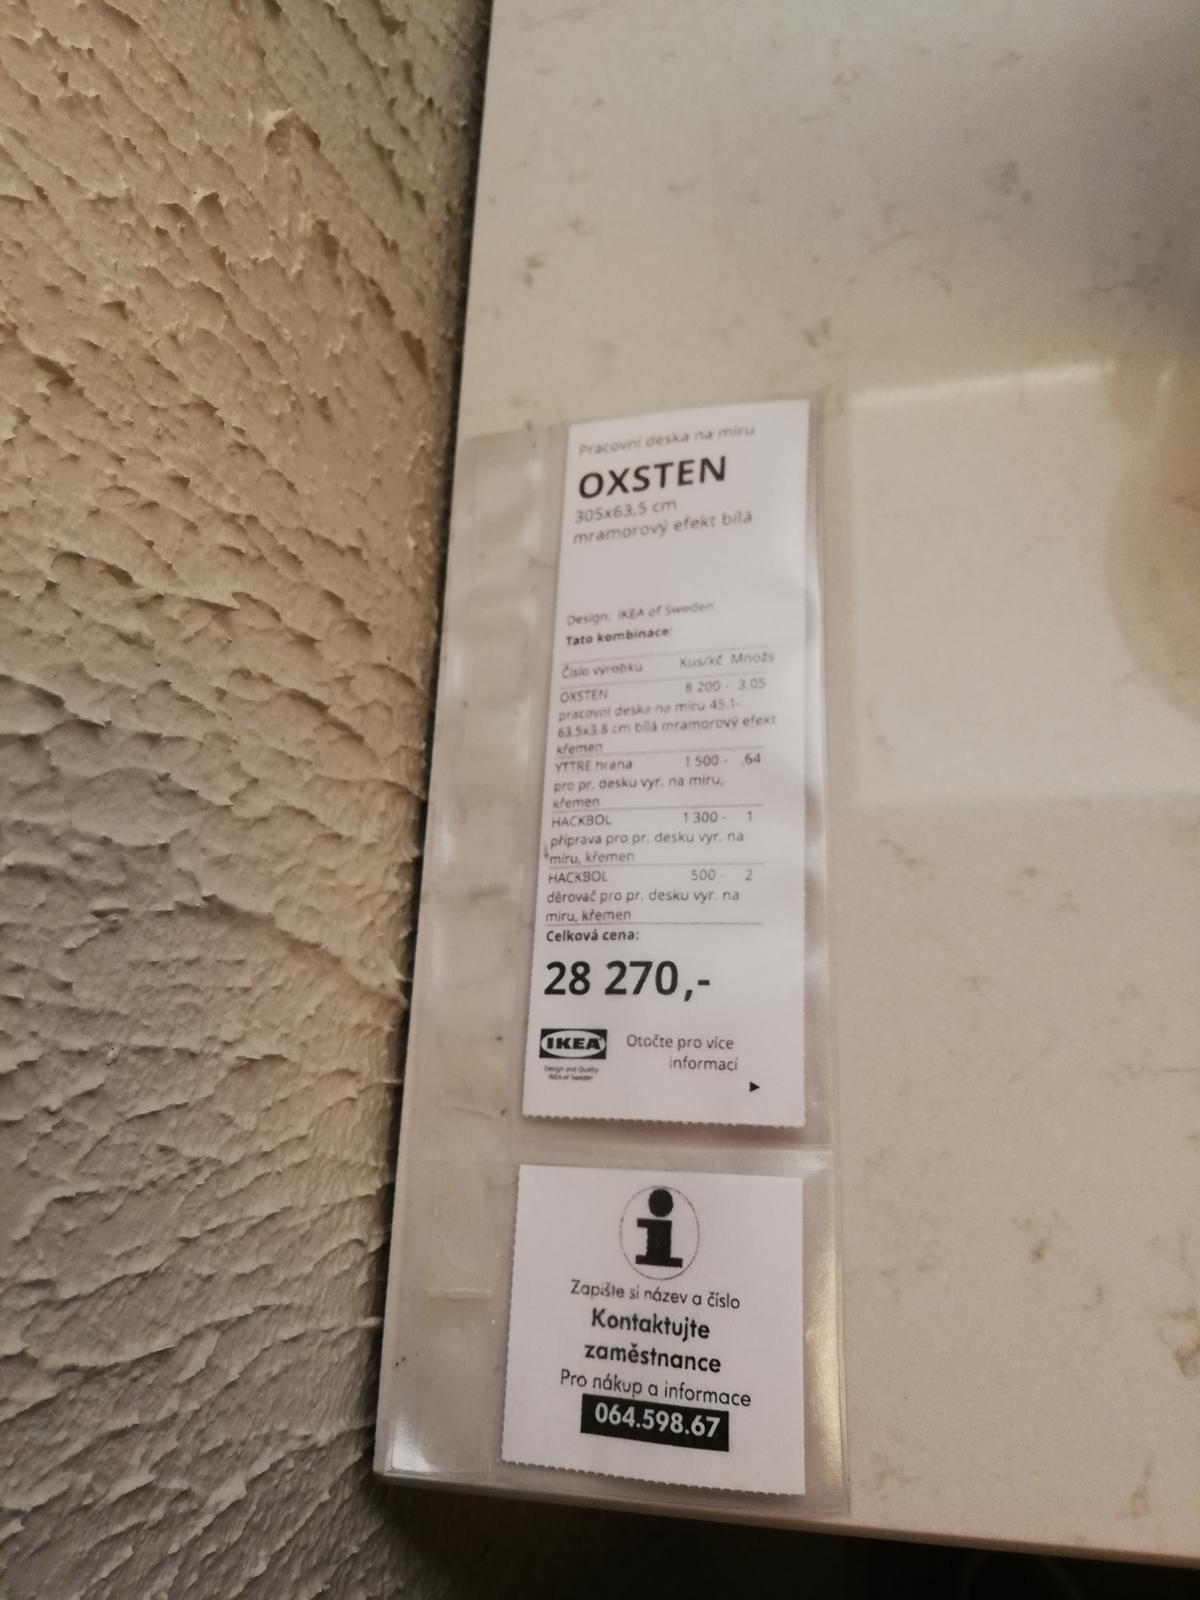 FOTKY Z IKEA - Obrázek č. 1